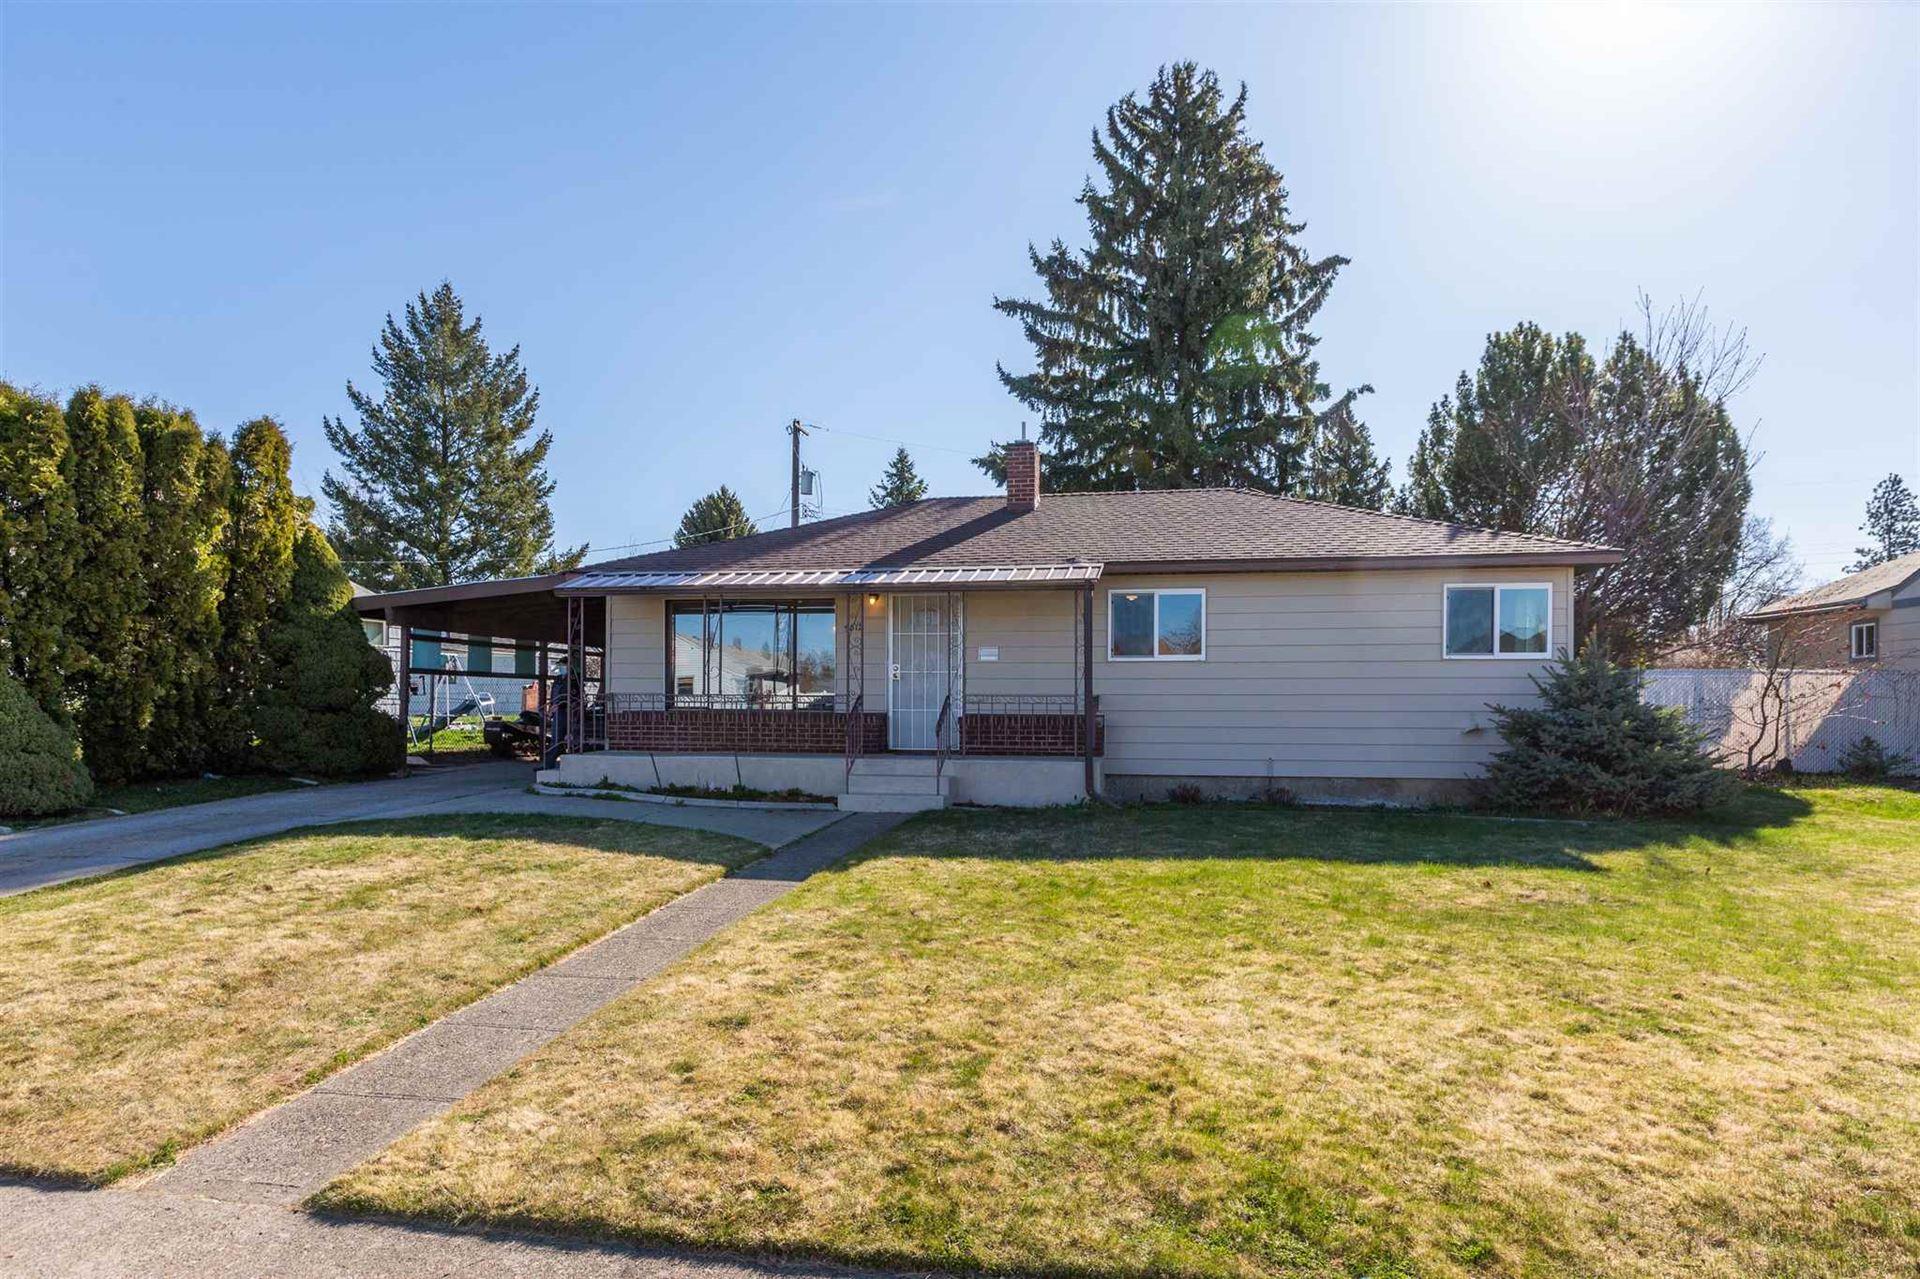 5812 N Audubon St, Spokane, WA 99205 - #: 202114227